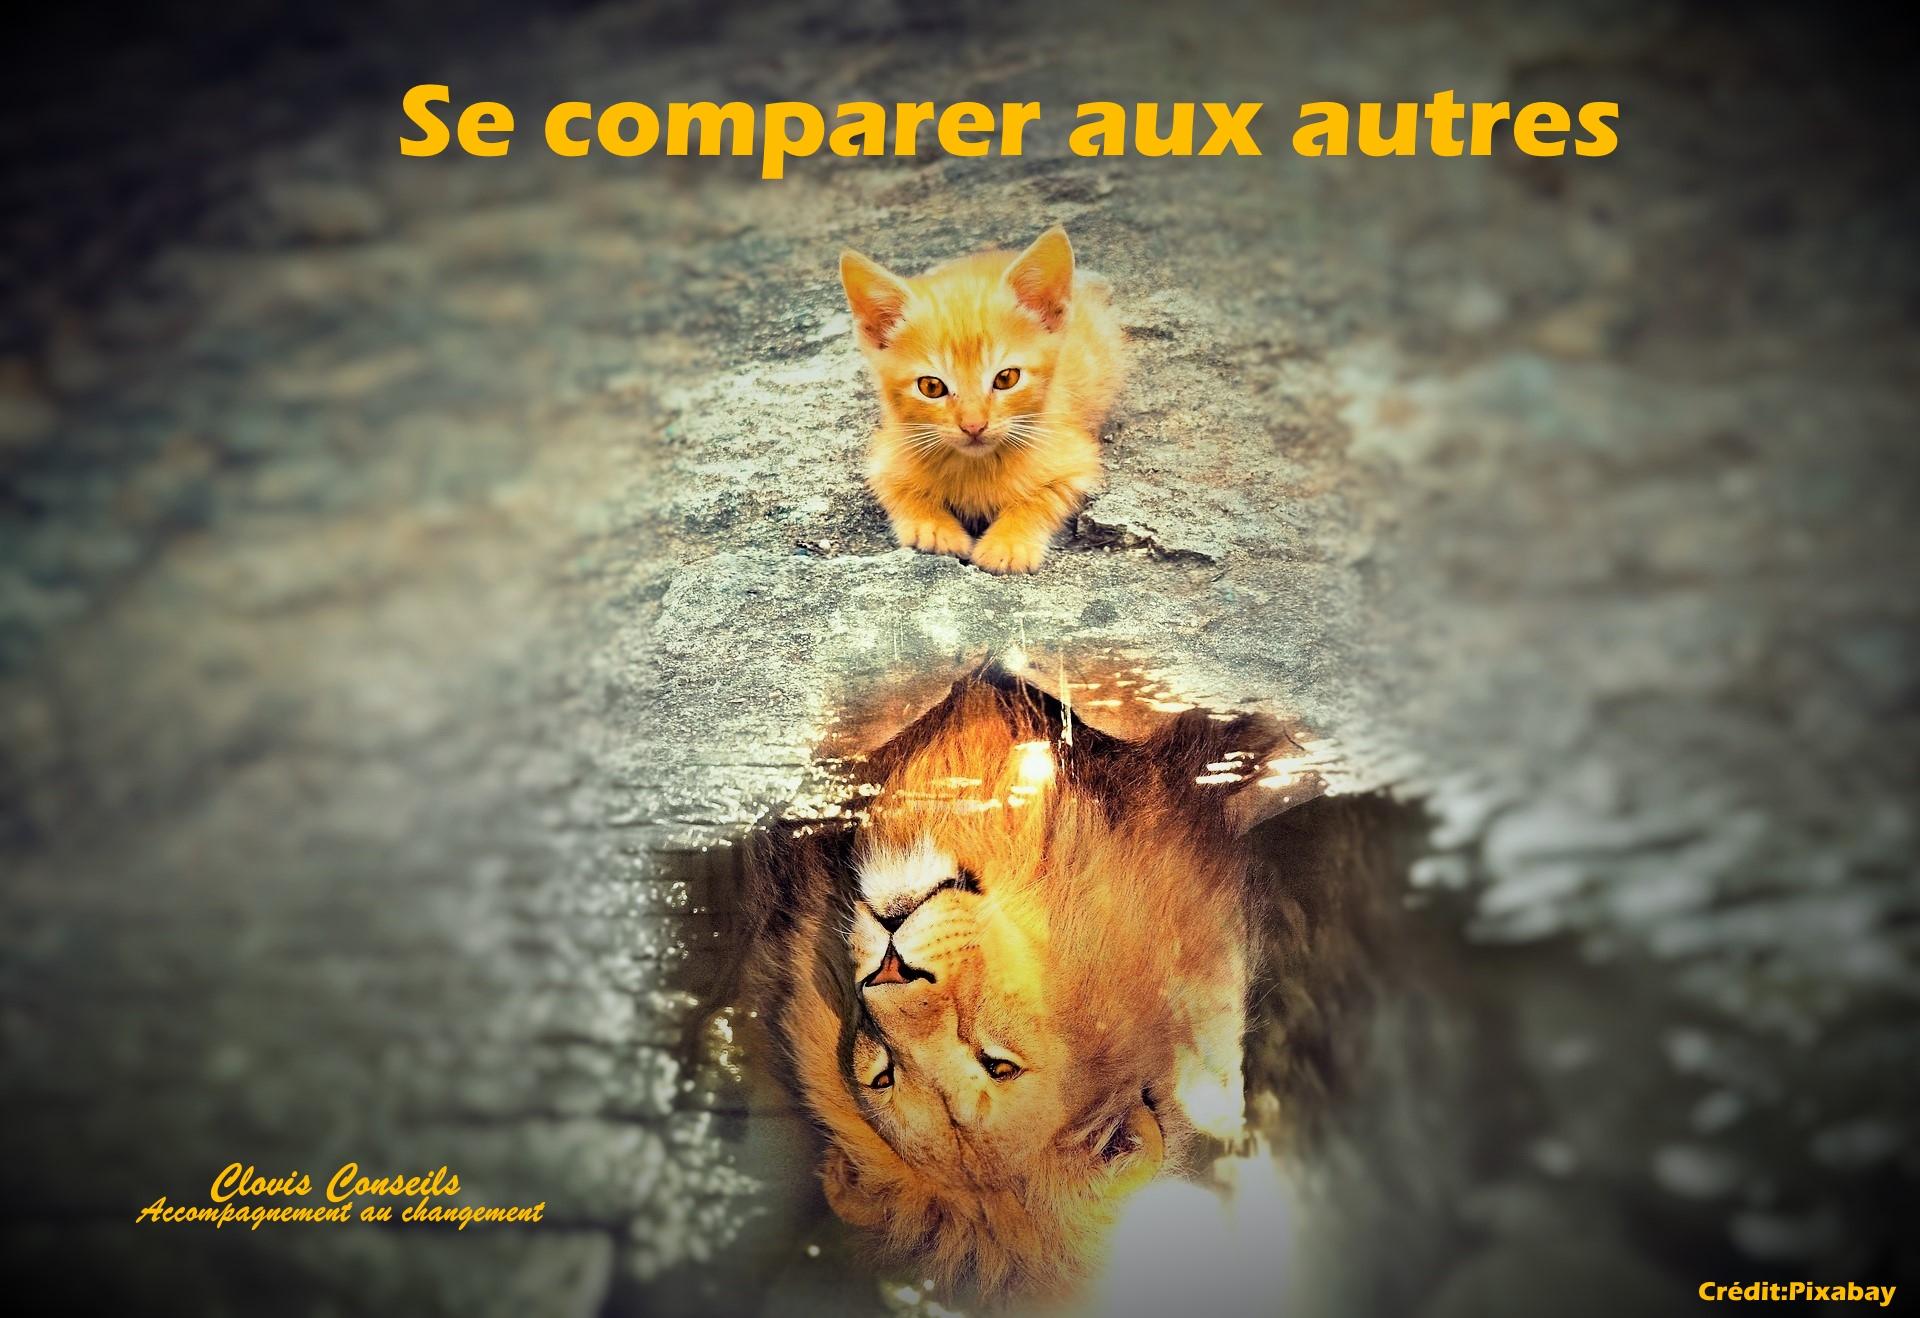 Se comparer aux autres